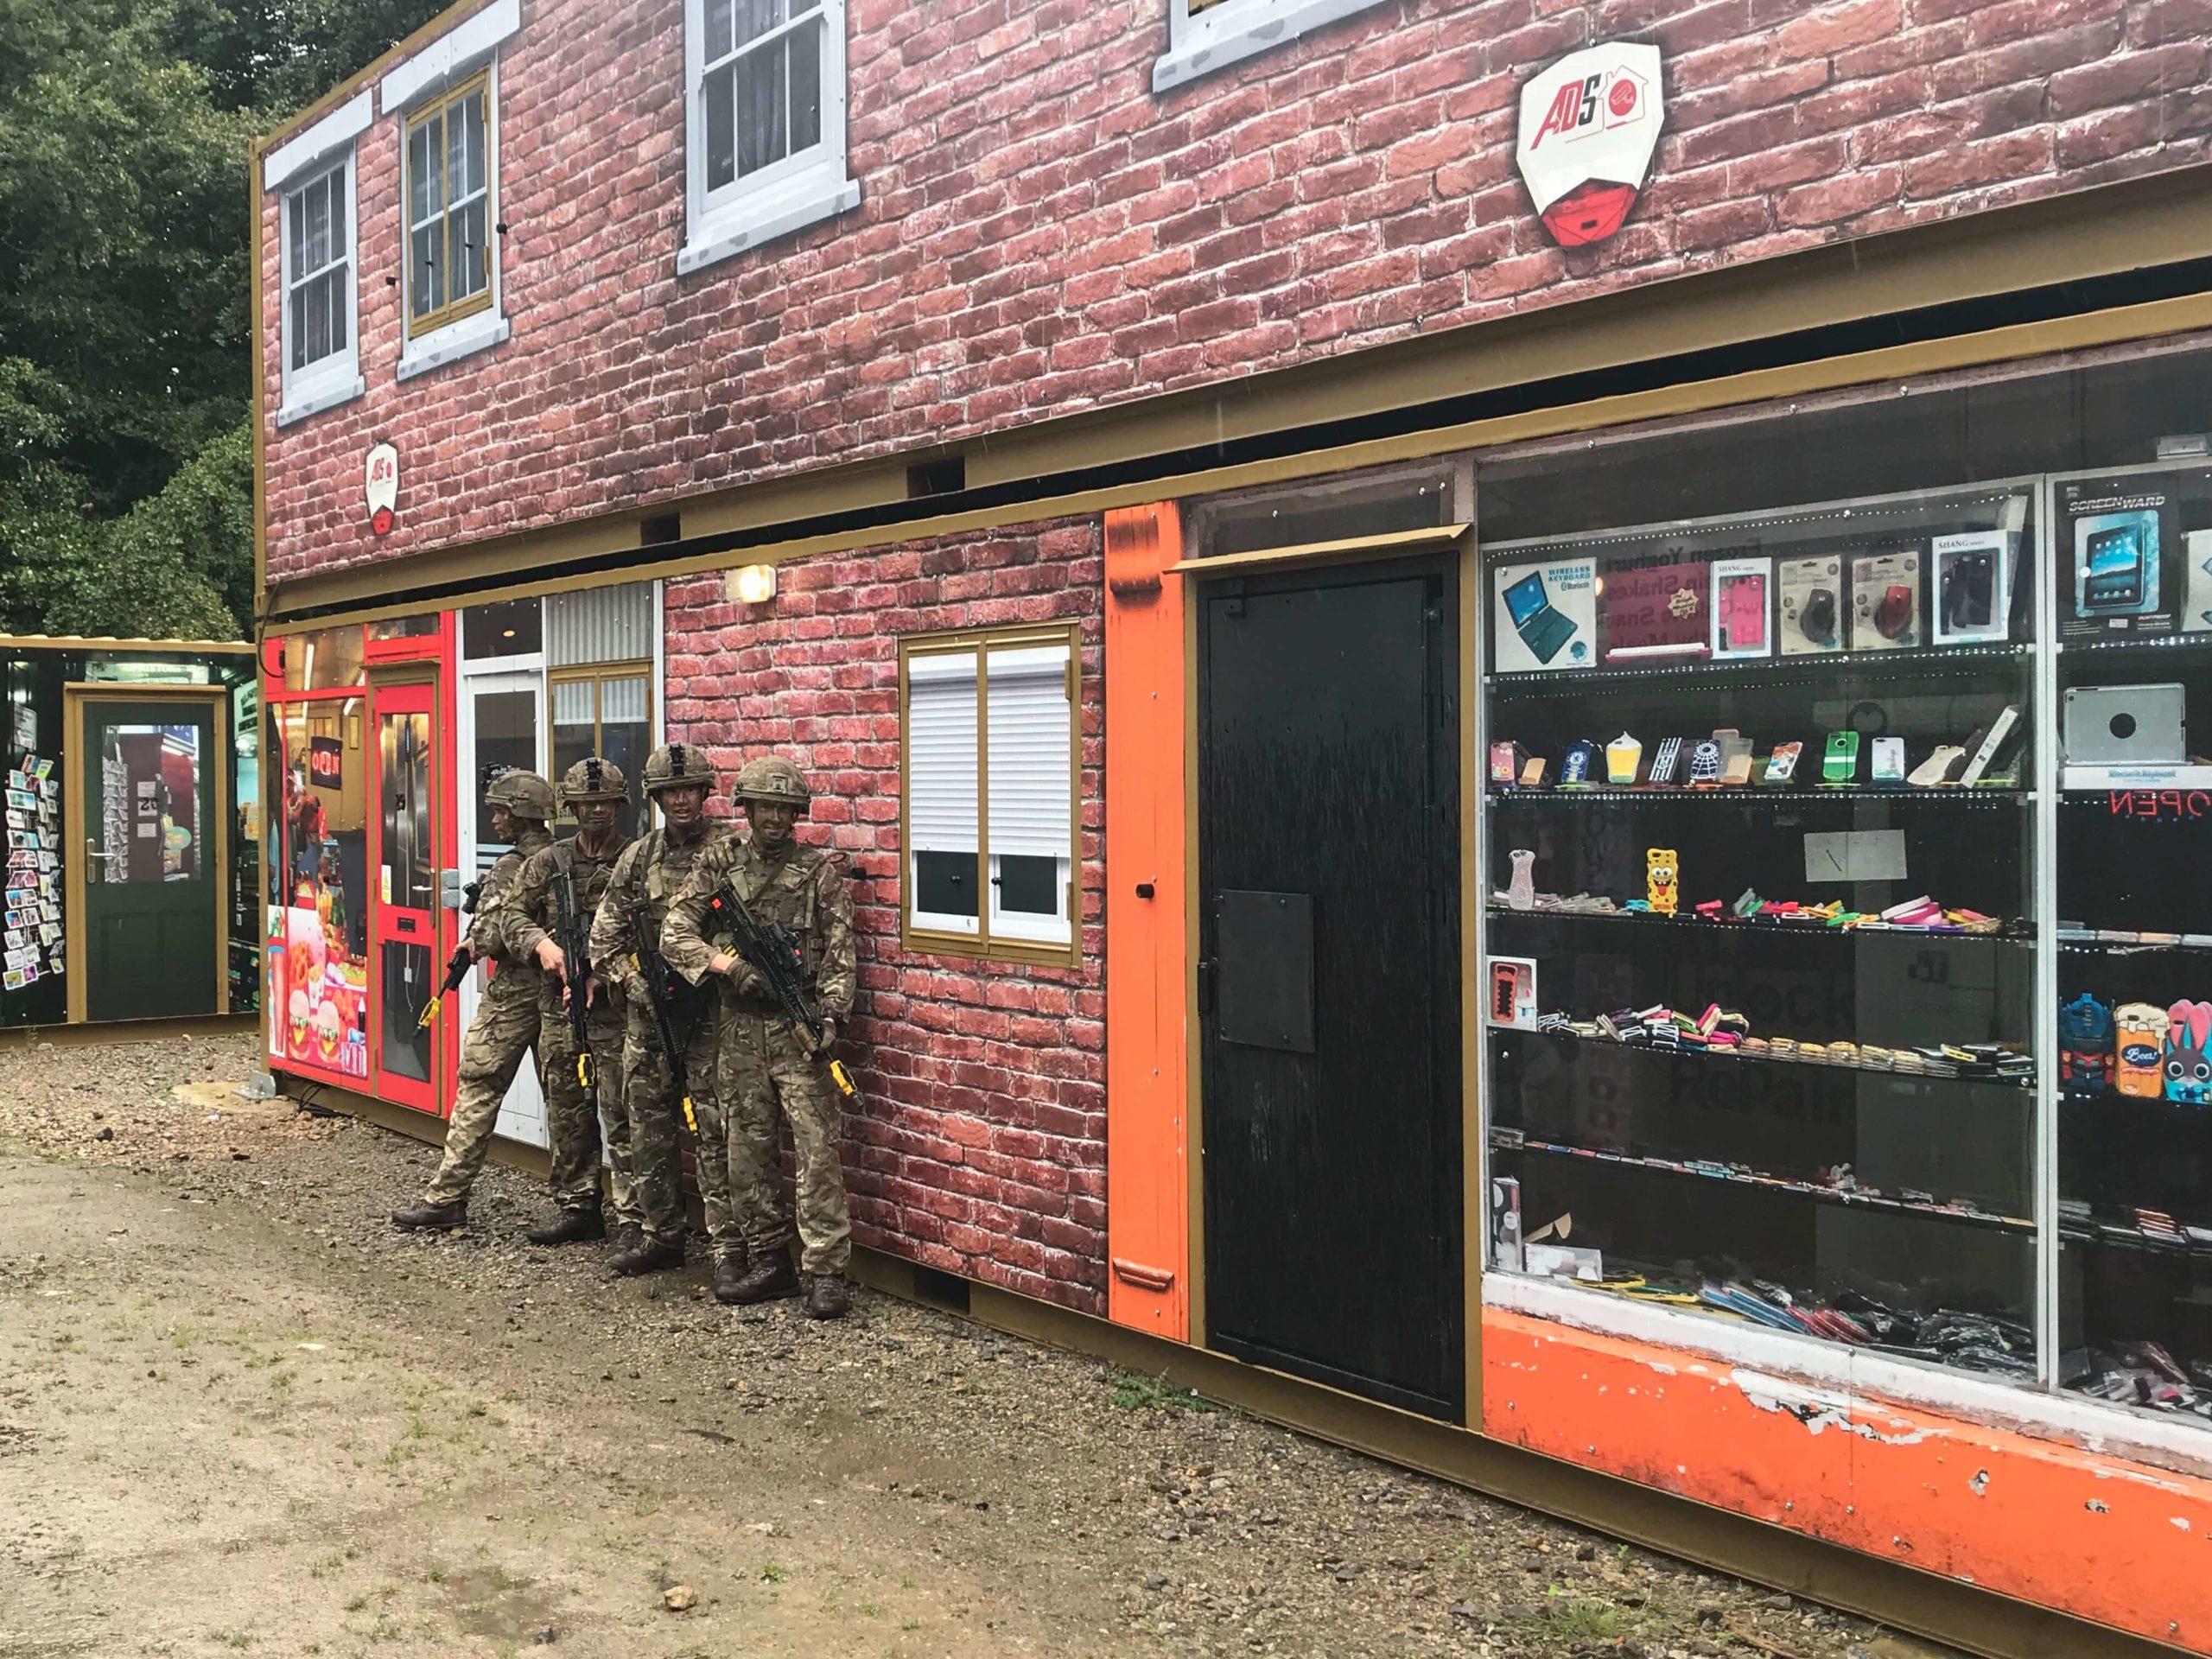 Soldater förbereder en inbrytning på en gata i ett bostadskvarter.